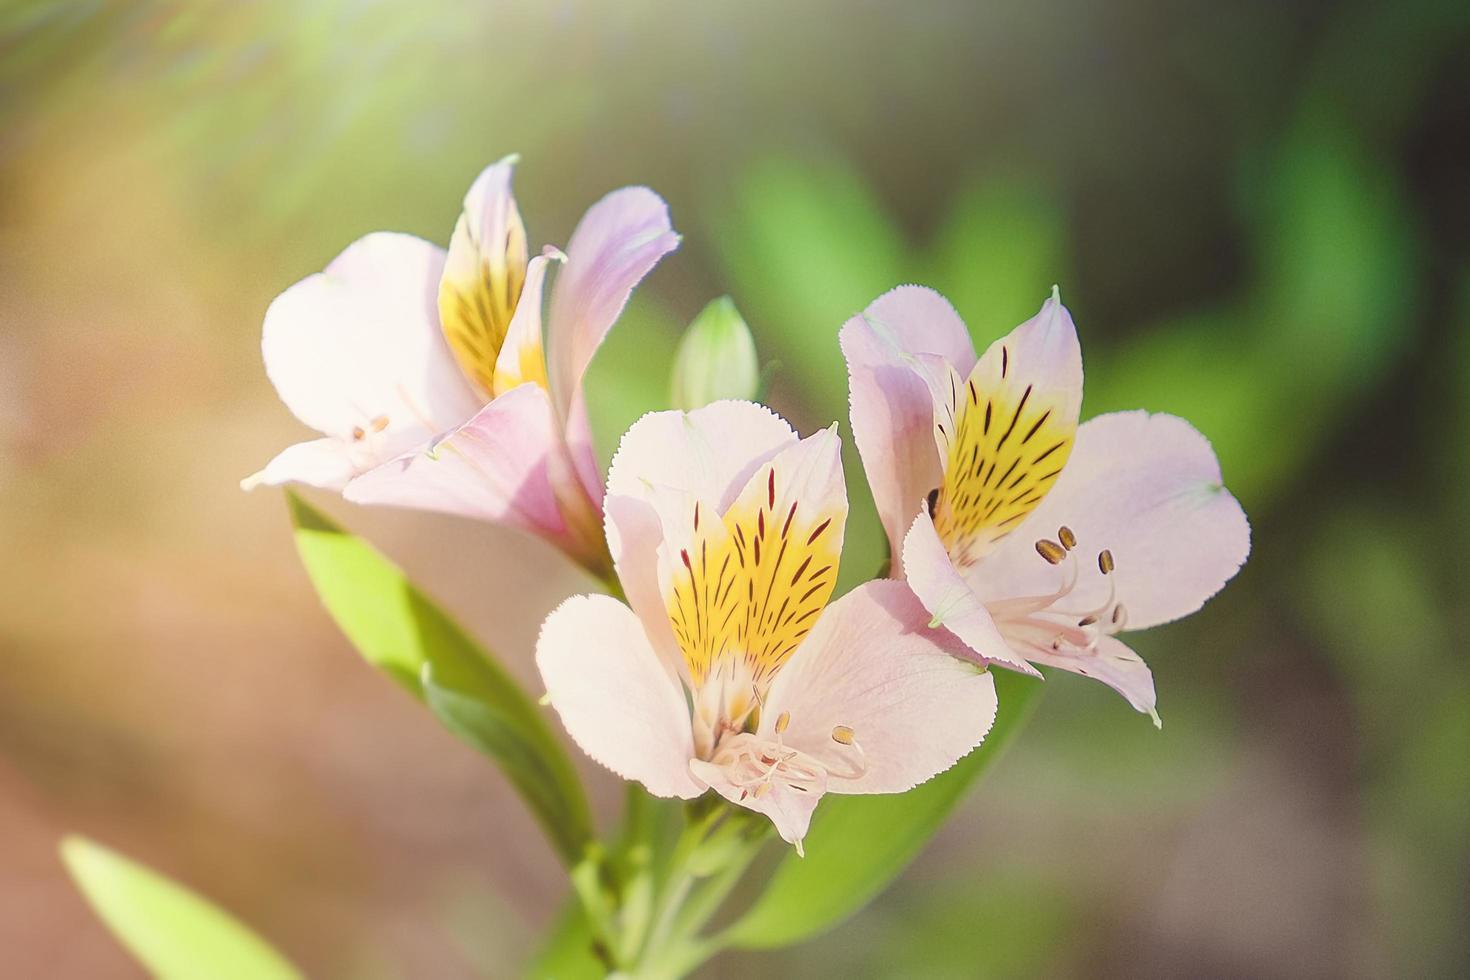 fiori rosa alstrameria su uno sfondo sfocato. foto